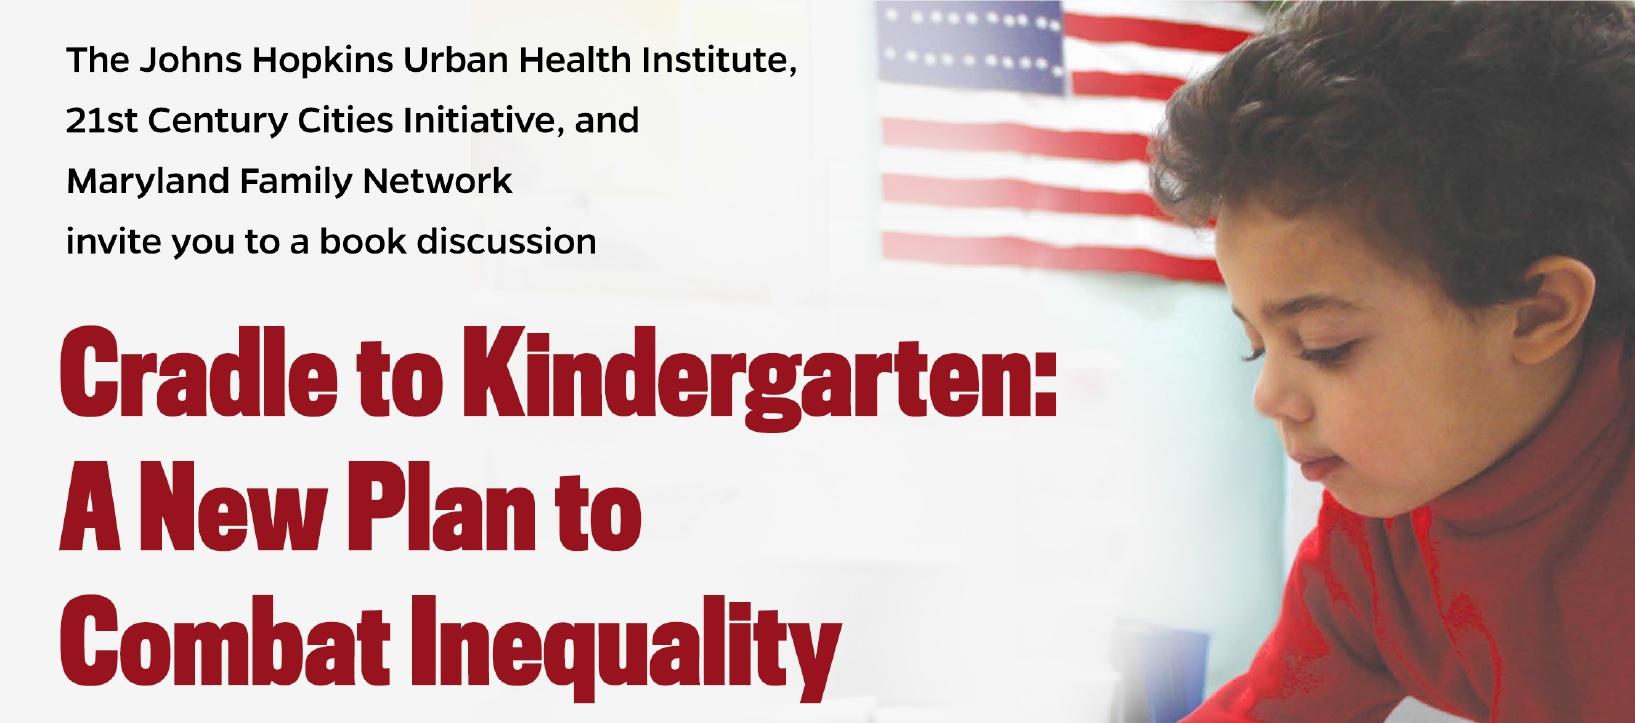 Cradle to Kindergarten Event Banner